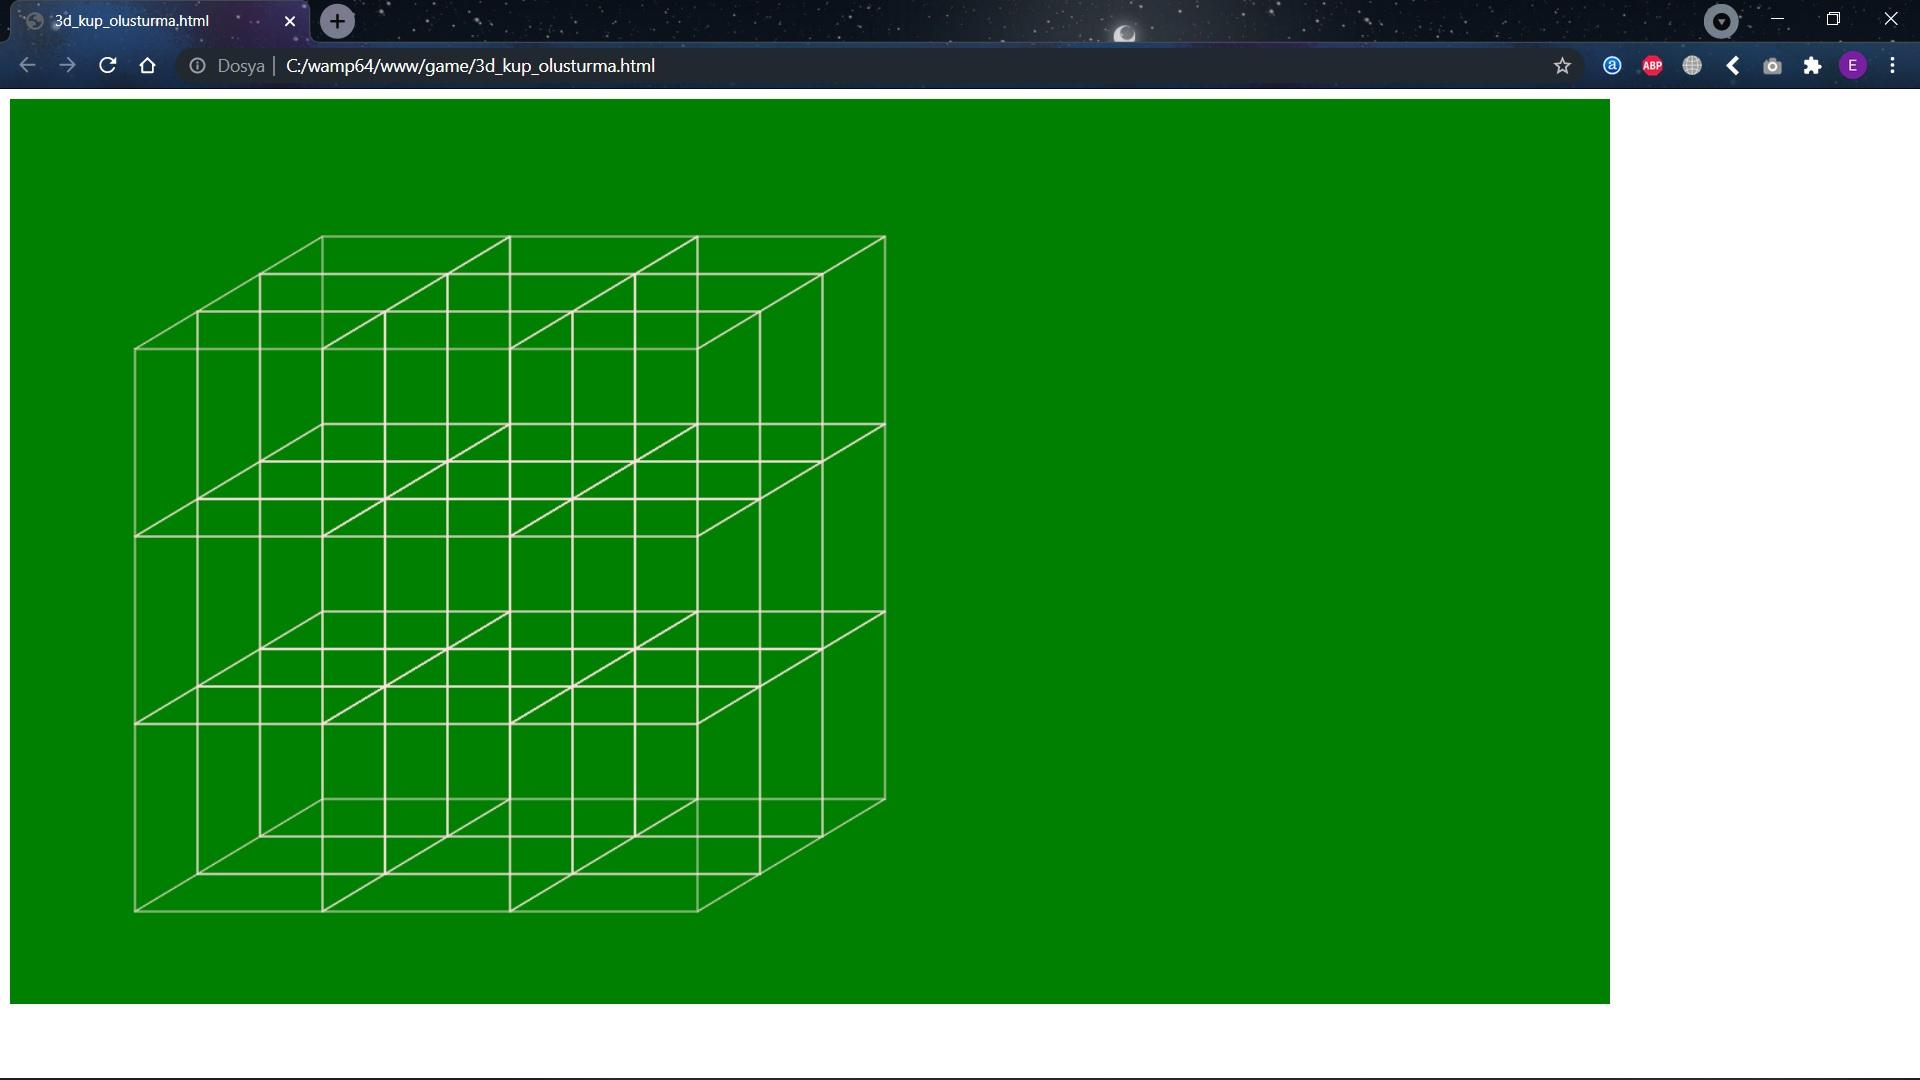 3x3x3 küpler.jpg